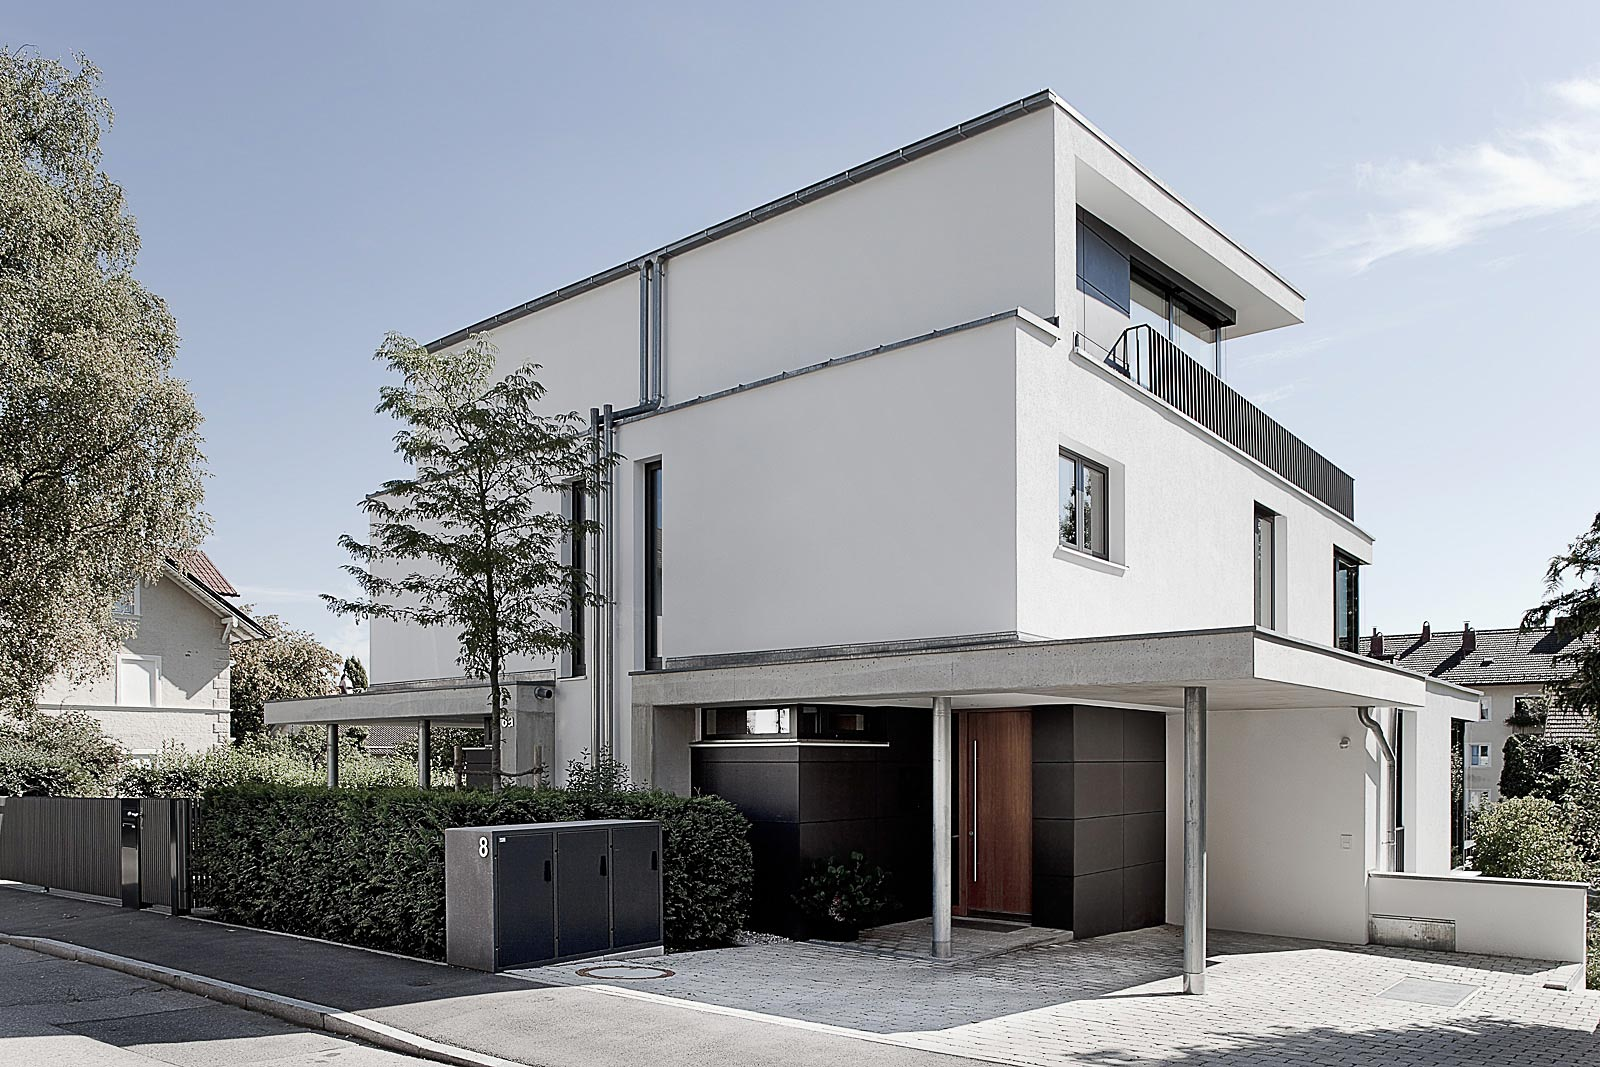 Architekturfotograf Einfamilienhaus, Kutschker & Leischner Architekten, Architekturfotograf Gabriel Büchelmeier